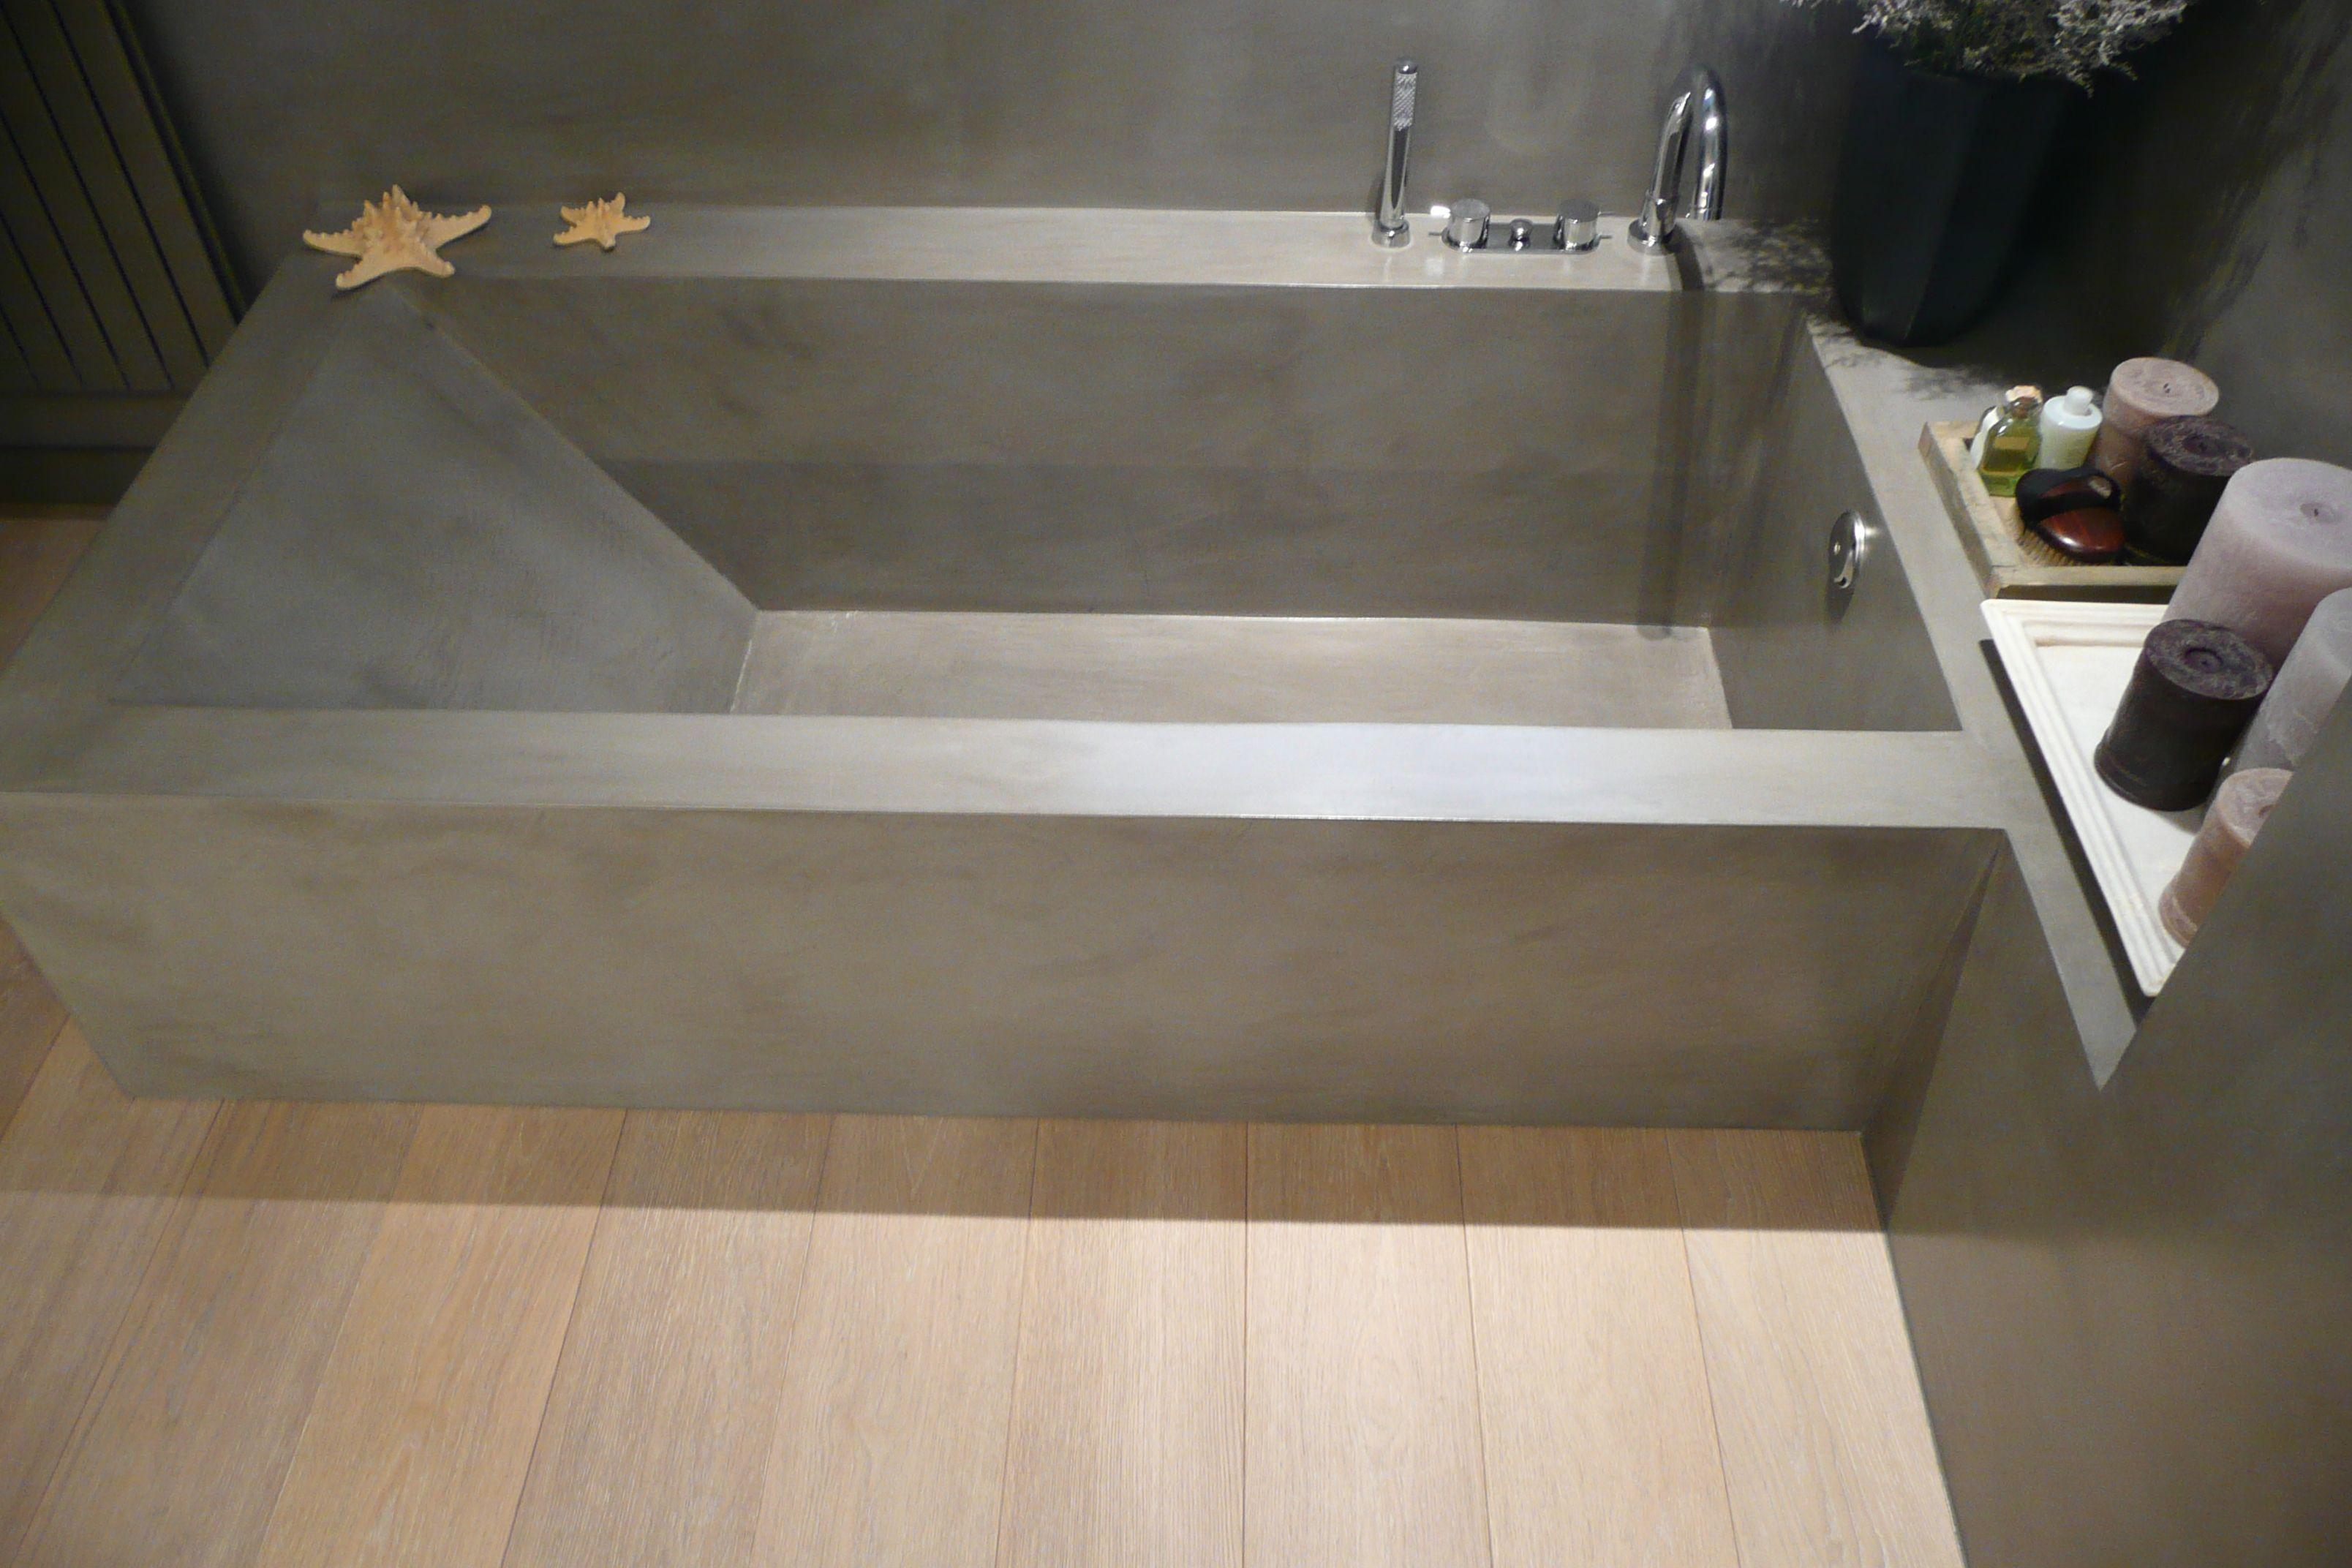 Baños De Microcemento:bañera microcemento SMSTUDIO BARCELONA